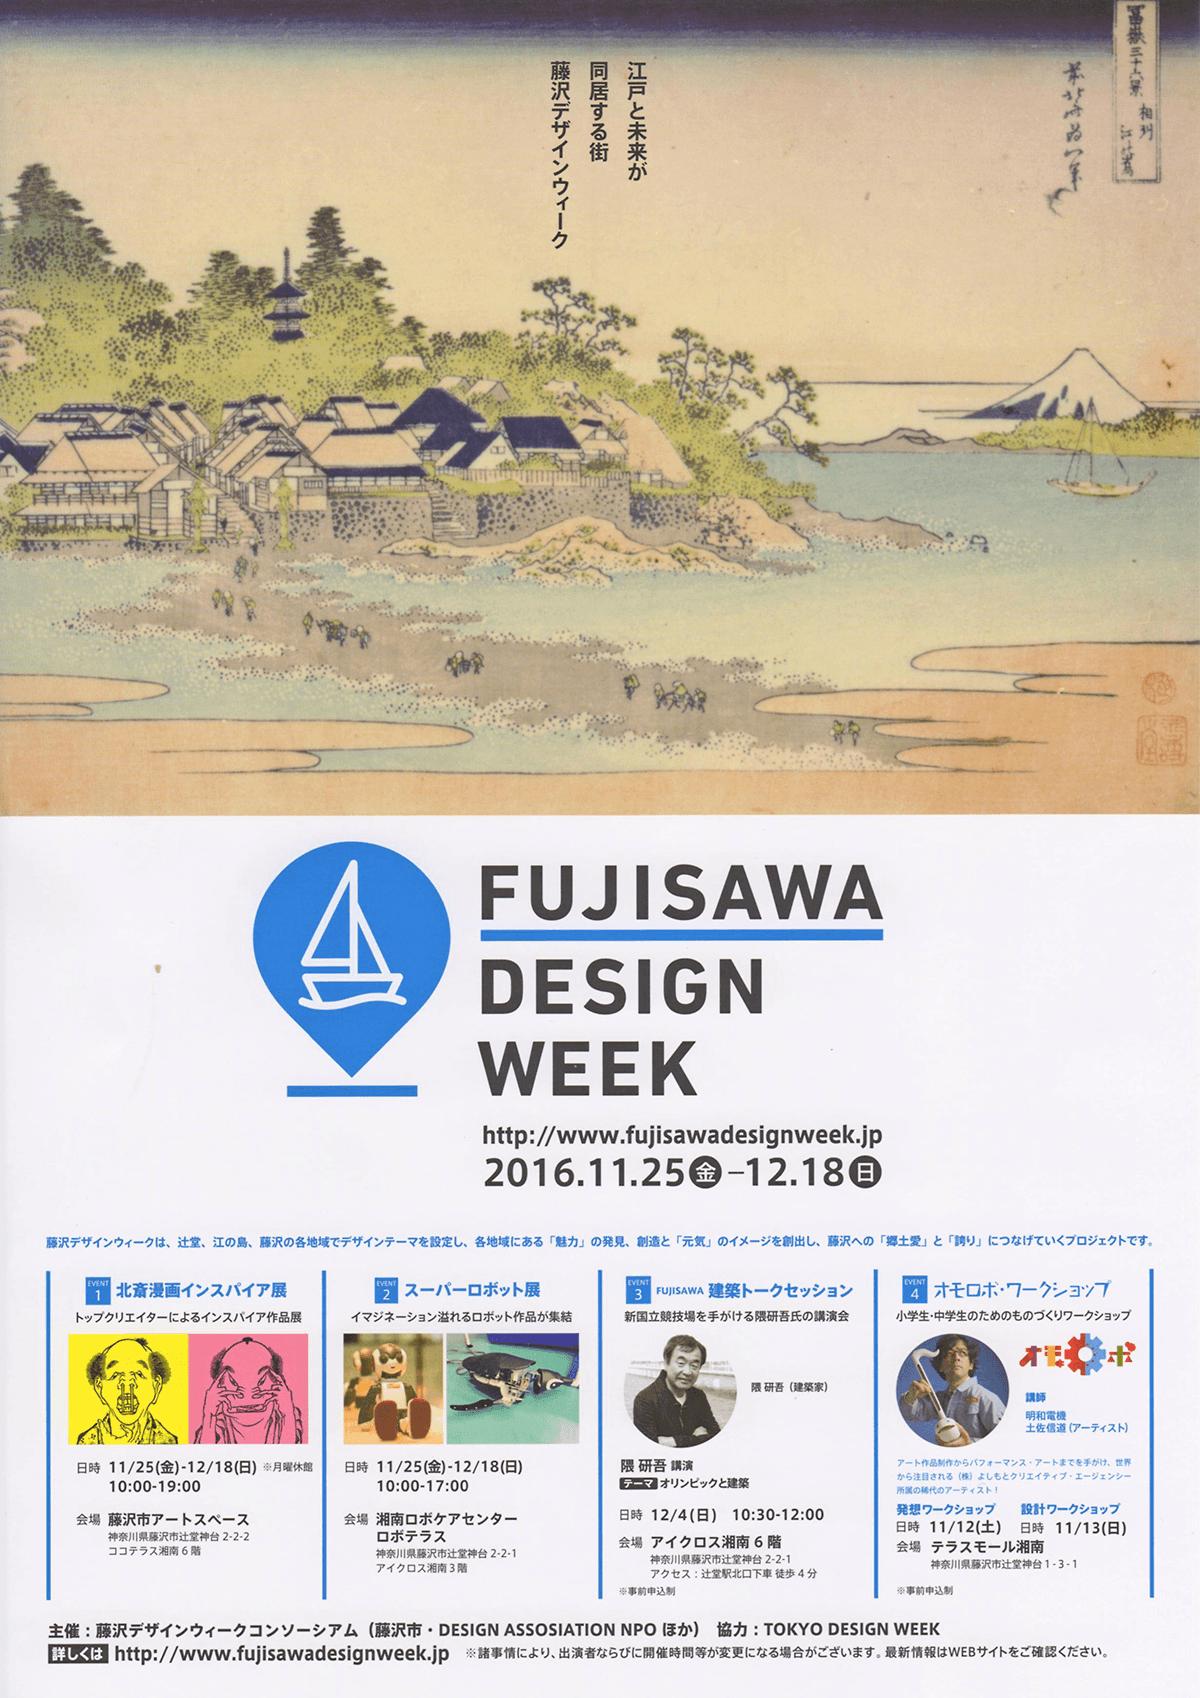 北斎漫画インスパイア展以外にも関連イベントのあるFUJISAWA DESIGN WEEK。